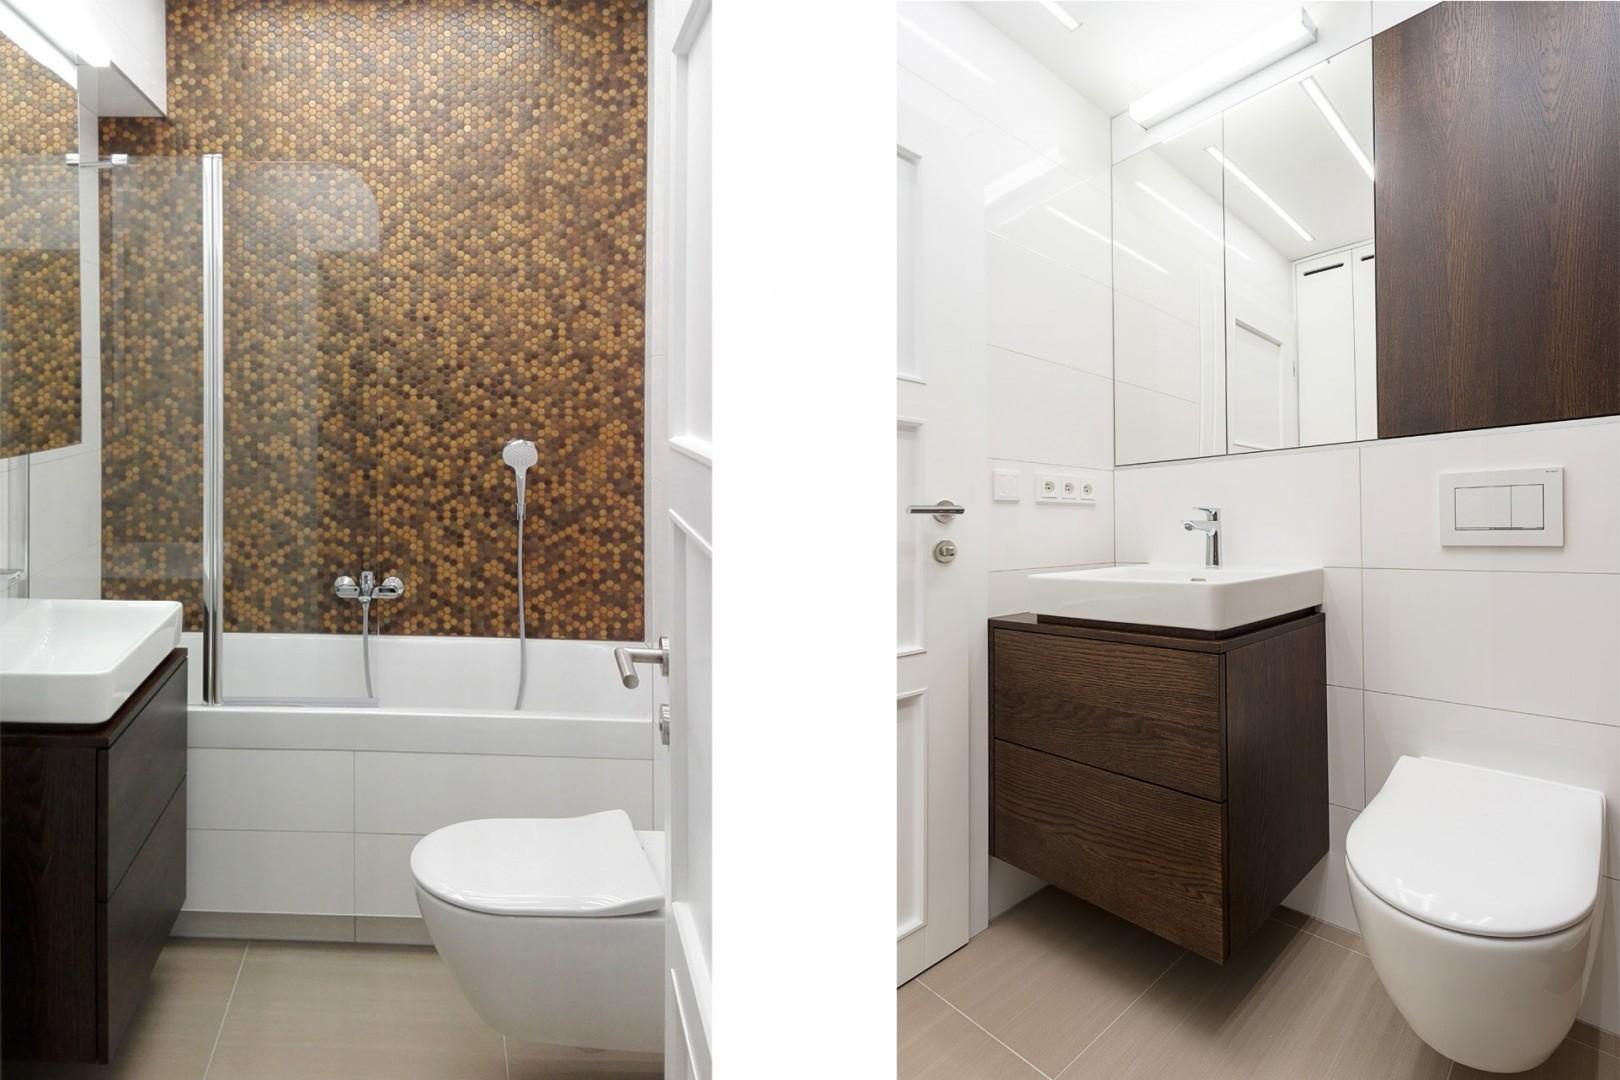 Design a realizácia interiéru bytu, kompletná realizácia , výroba nábytku a interiérových dverí na mieru, interiér na kľúč, rekonštrukcia bytu, rekonštrukcia kúpeľne